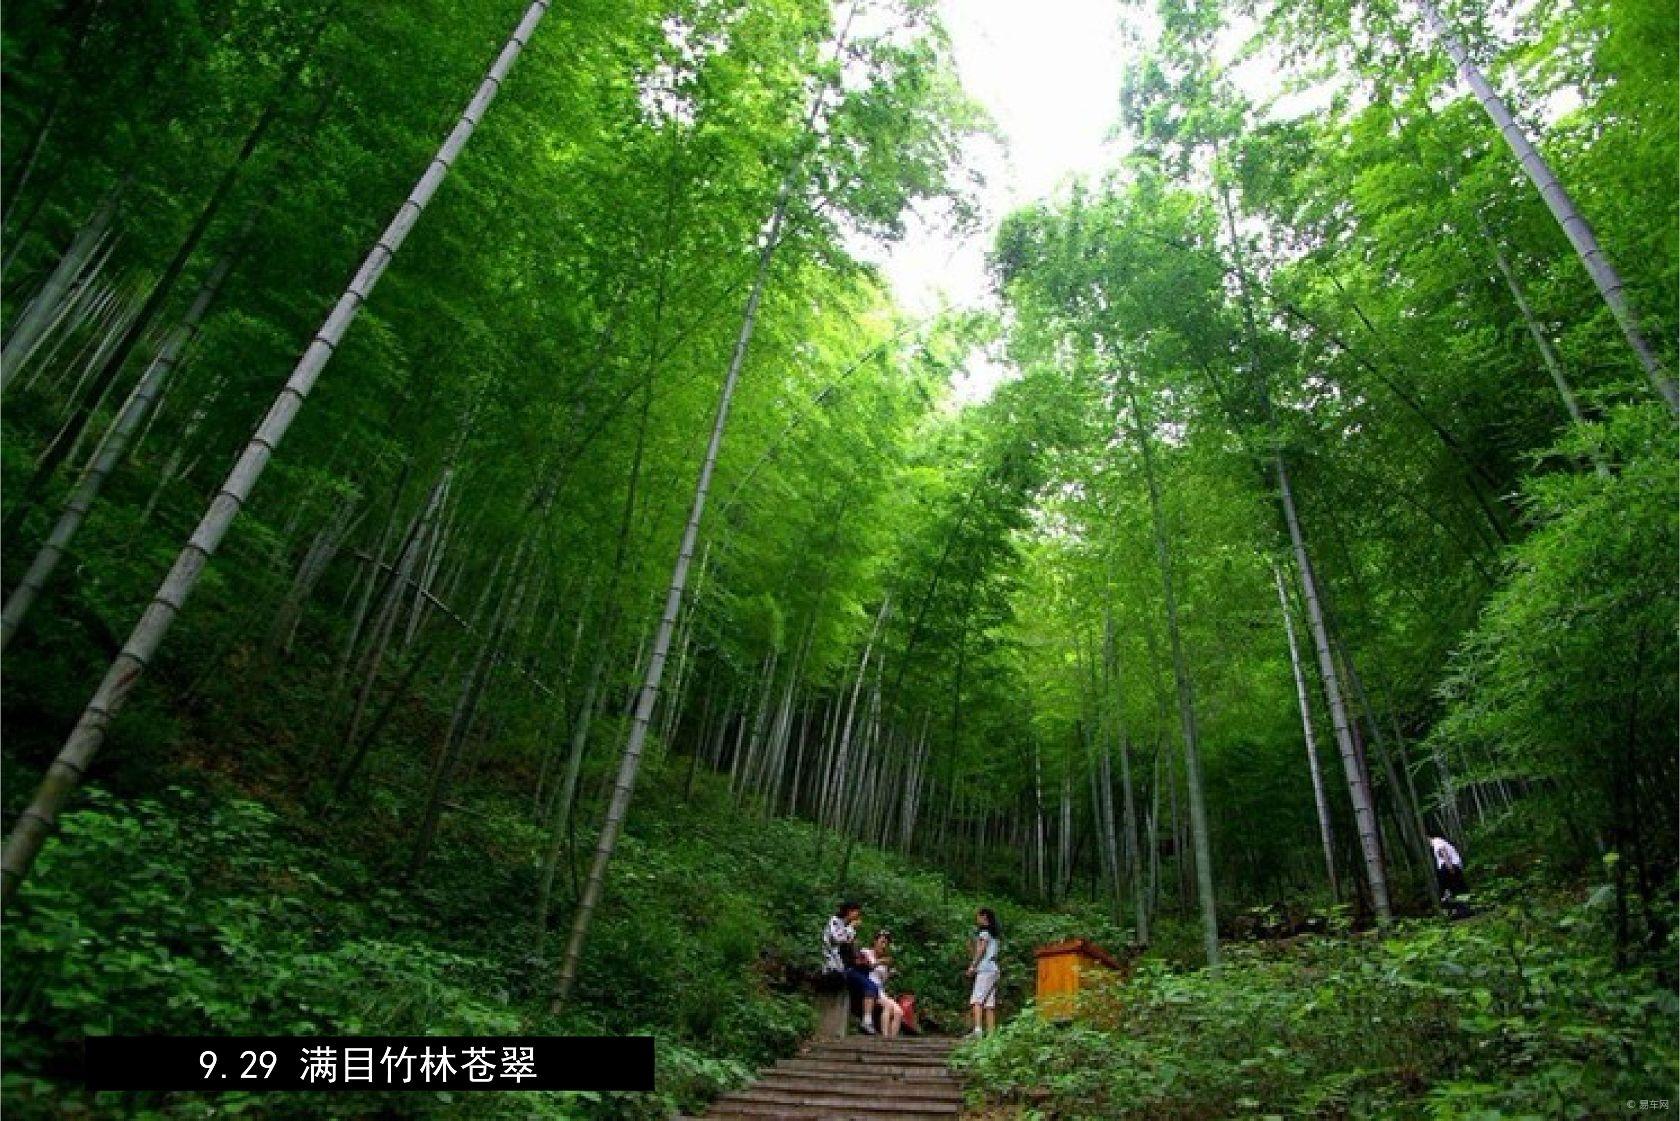 踏入景区,第一感觉是南山竹海无愧竹海之称,满眼都是绿色的海洋,而与